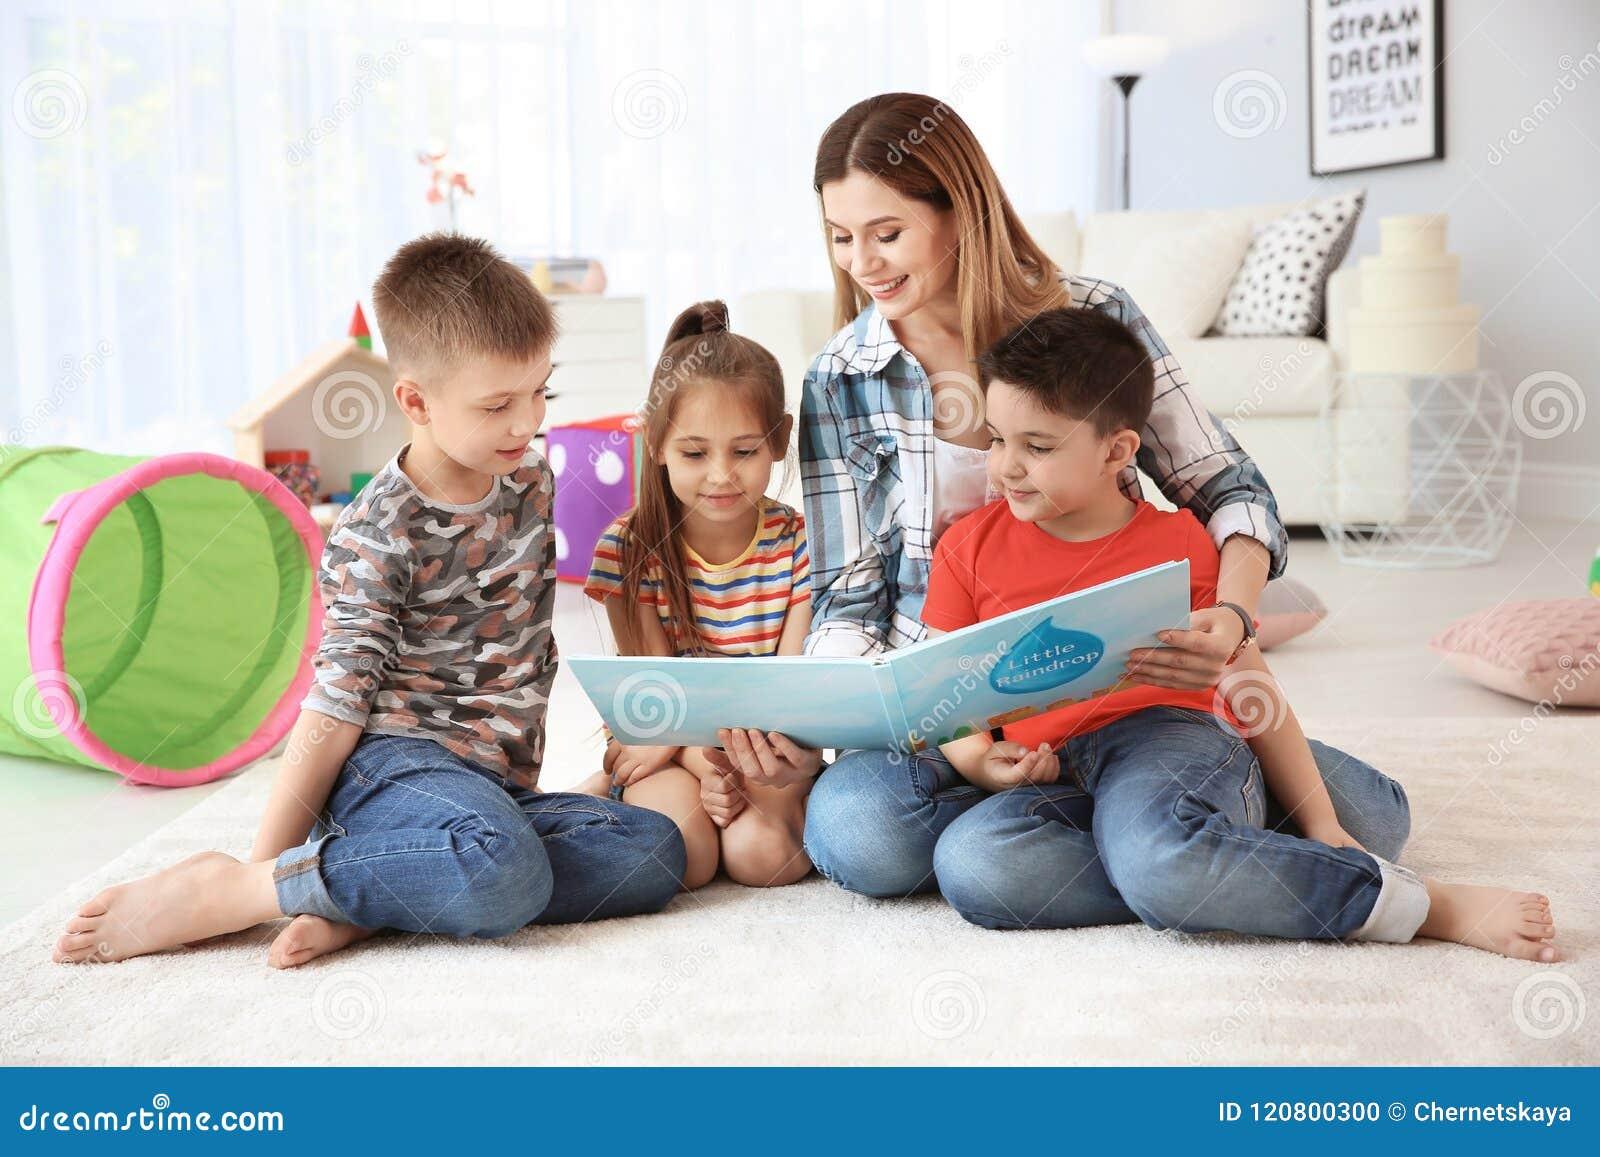 Leuke kleine kinderen die boek op vloer lezen